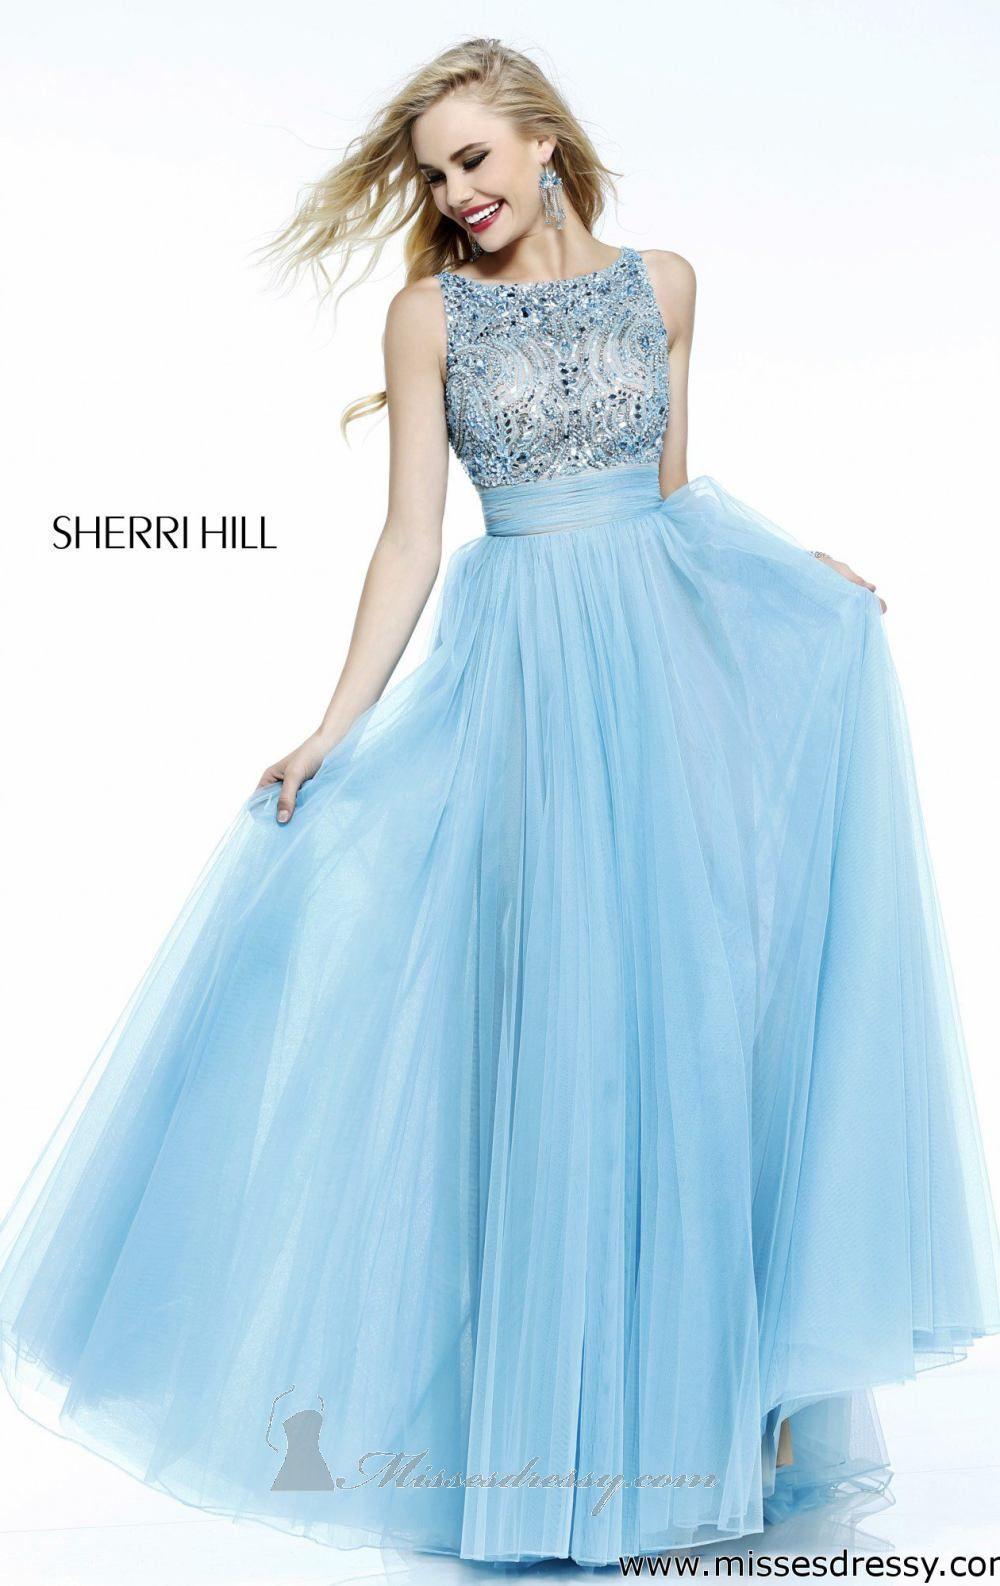 Sherri Hill 11022 by Sherri Hill - Dress Option 2 | Prom ...